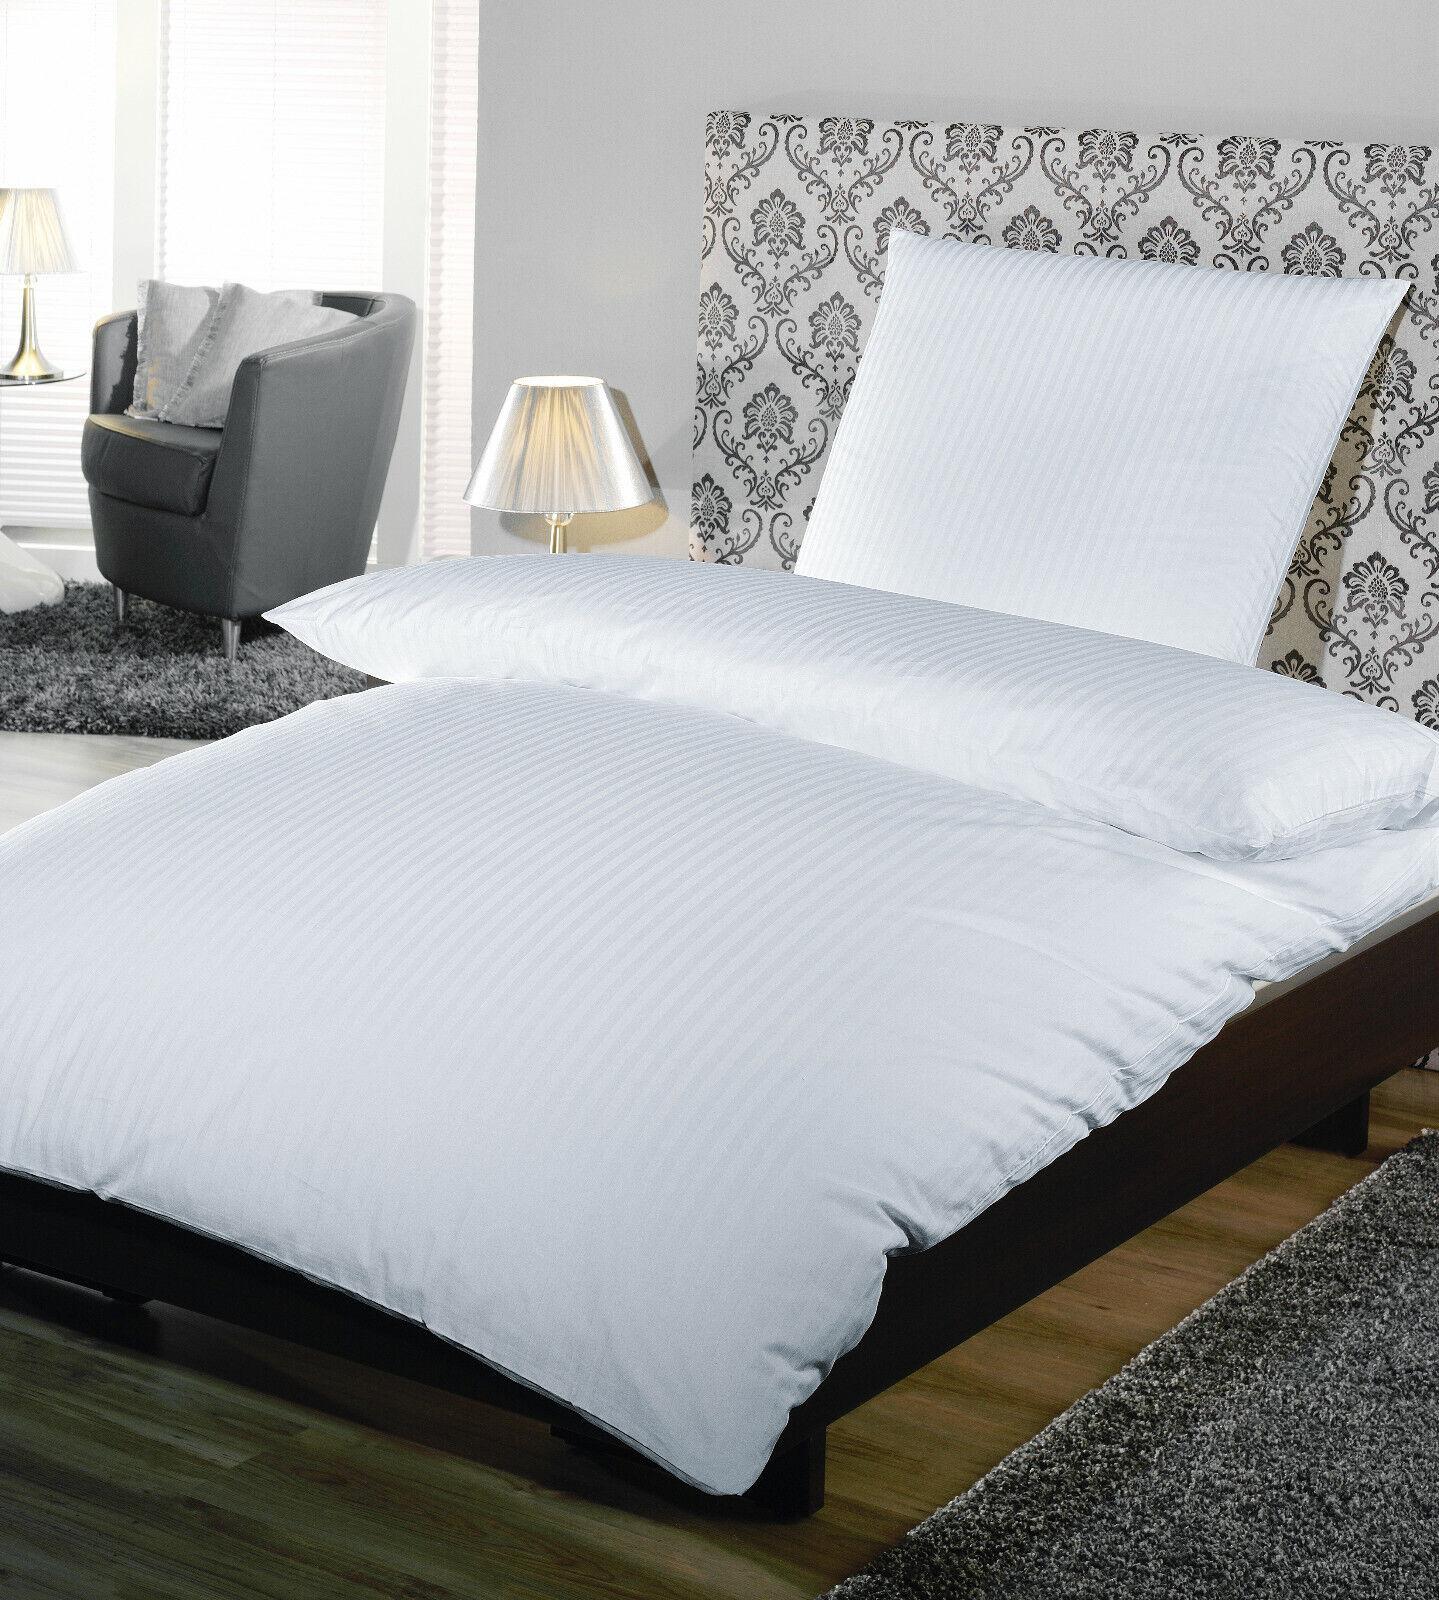 10 x Hotelbettwäsche 135x200 + 80x80 cm HV weiß 100% Baumwolle Satinstreifen 4mm